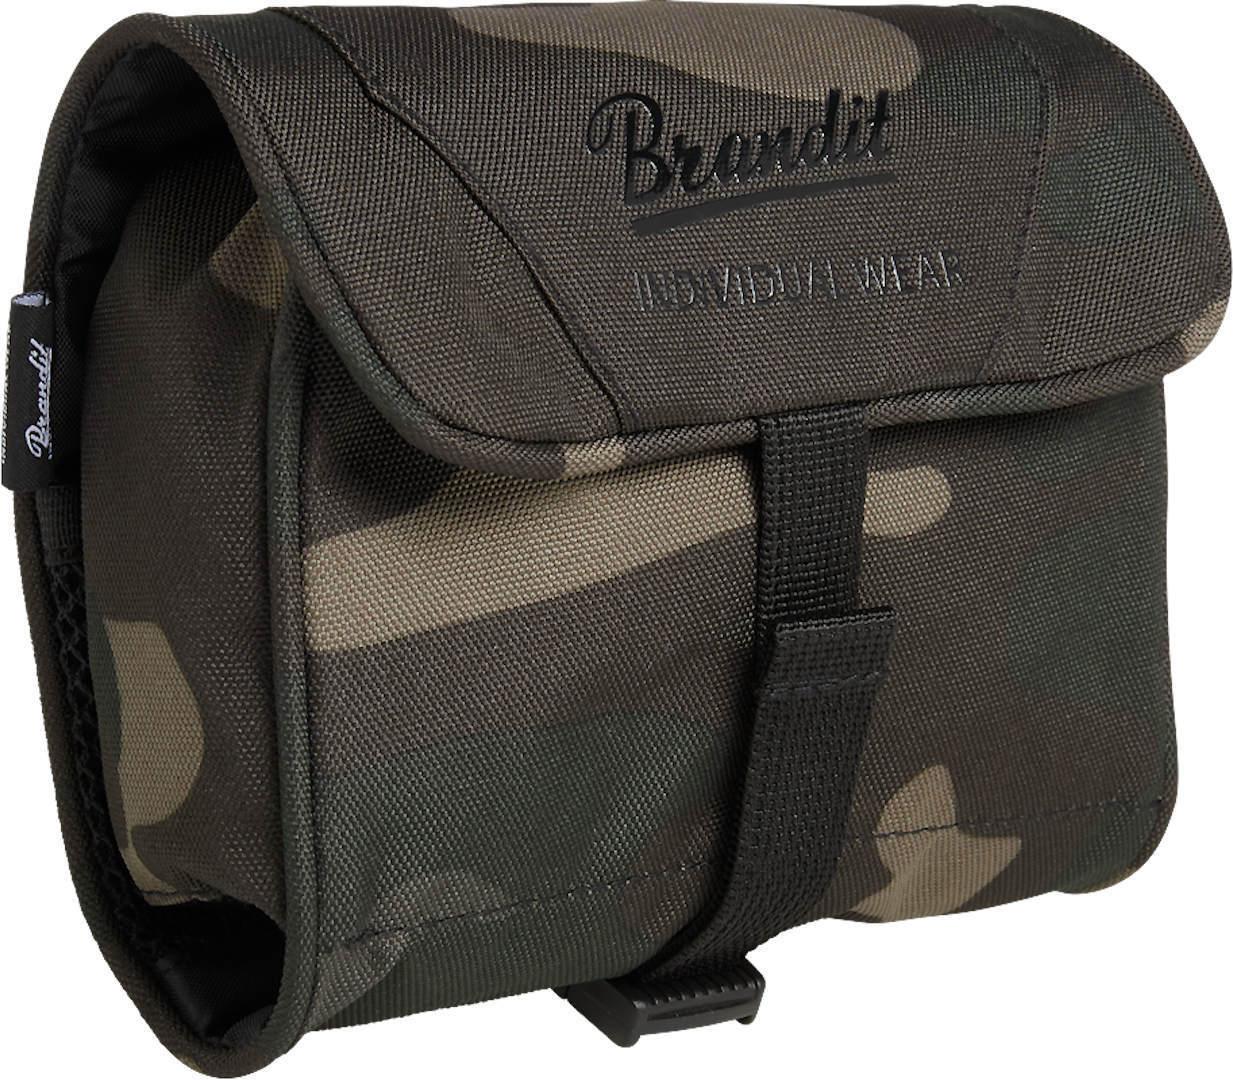 Brandit Medium Toiletti laukku  - Musta Harmaa - Size: yksi koko